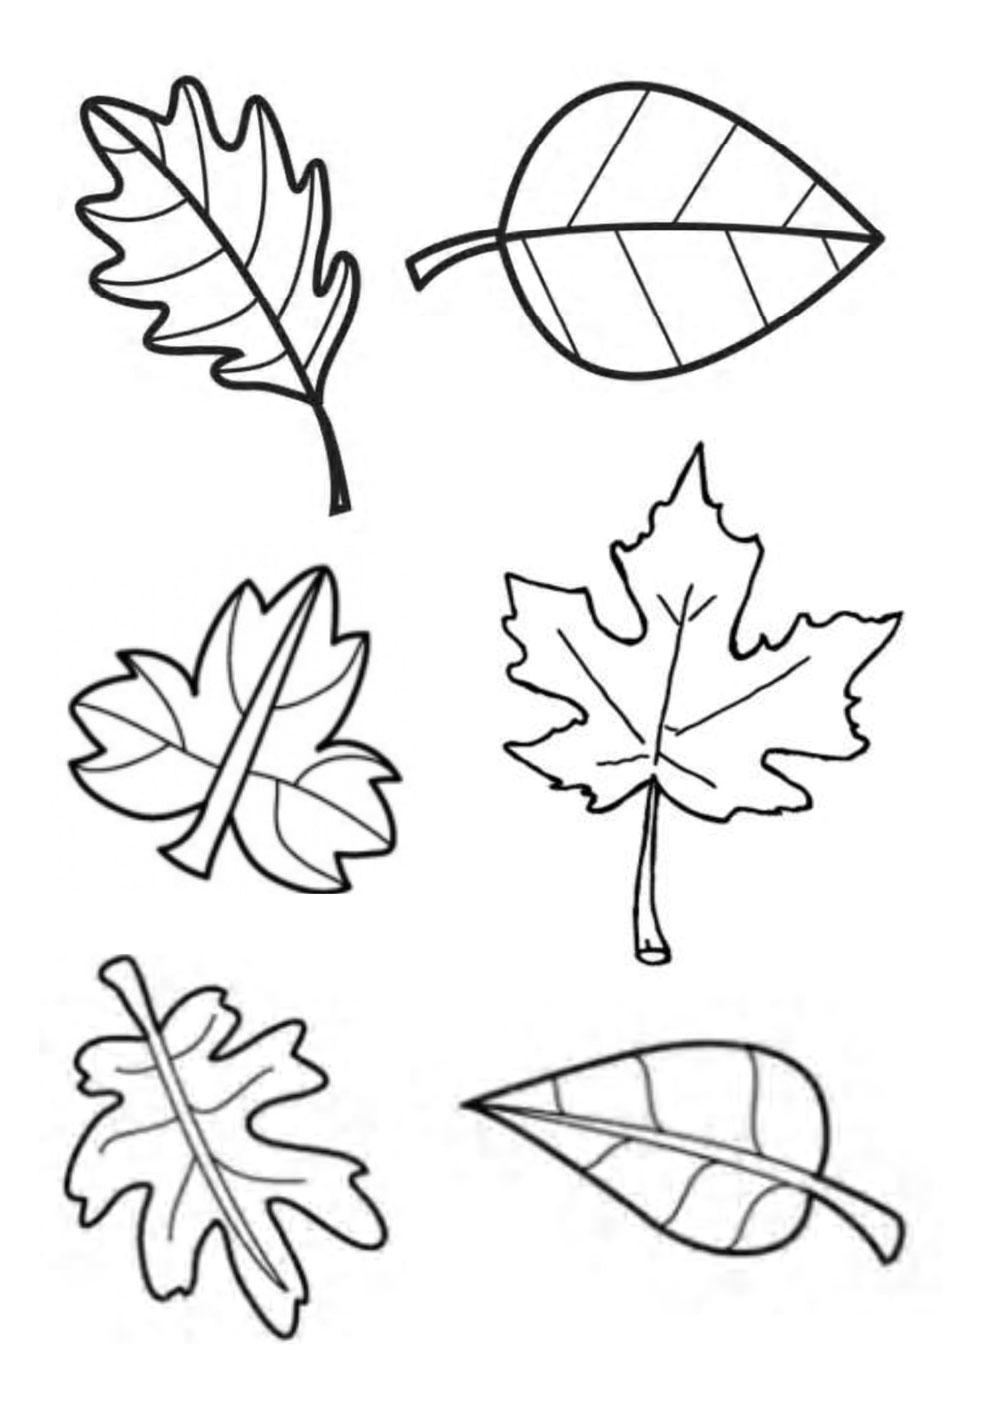 Поделки из бумаги на тему осень с шаблонами 3